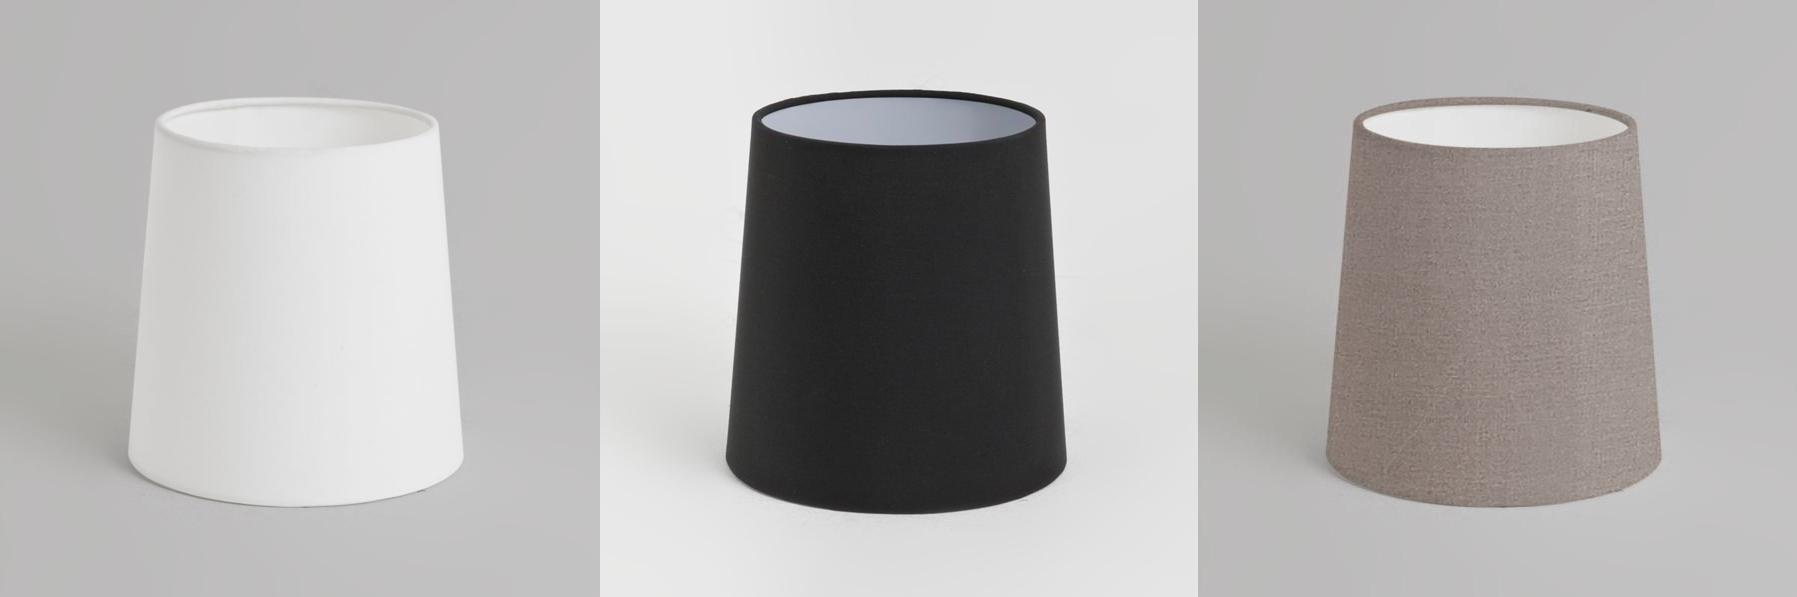 astro kegel 160 stoff lampenschirm f r tisch wandlicht. Black Bedroom Furniture Sets. Home Design Ideas